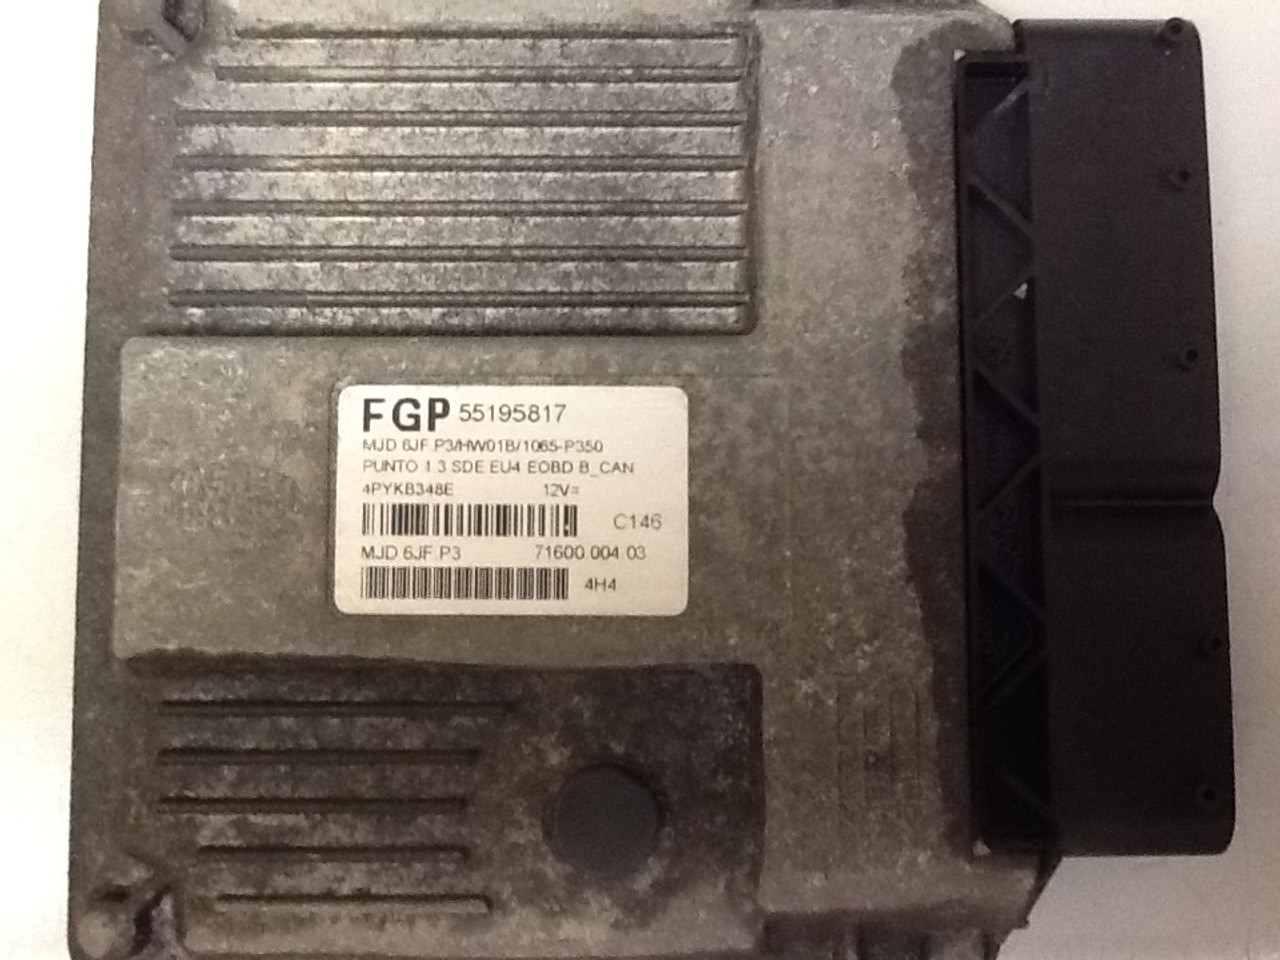 Plug & Play Fiat Engine ECU MJD 6JF.P3 71600.004.03 55195817 FGP